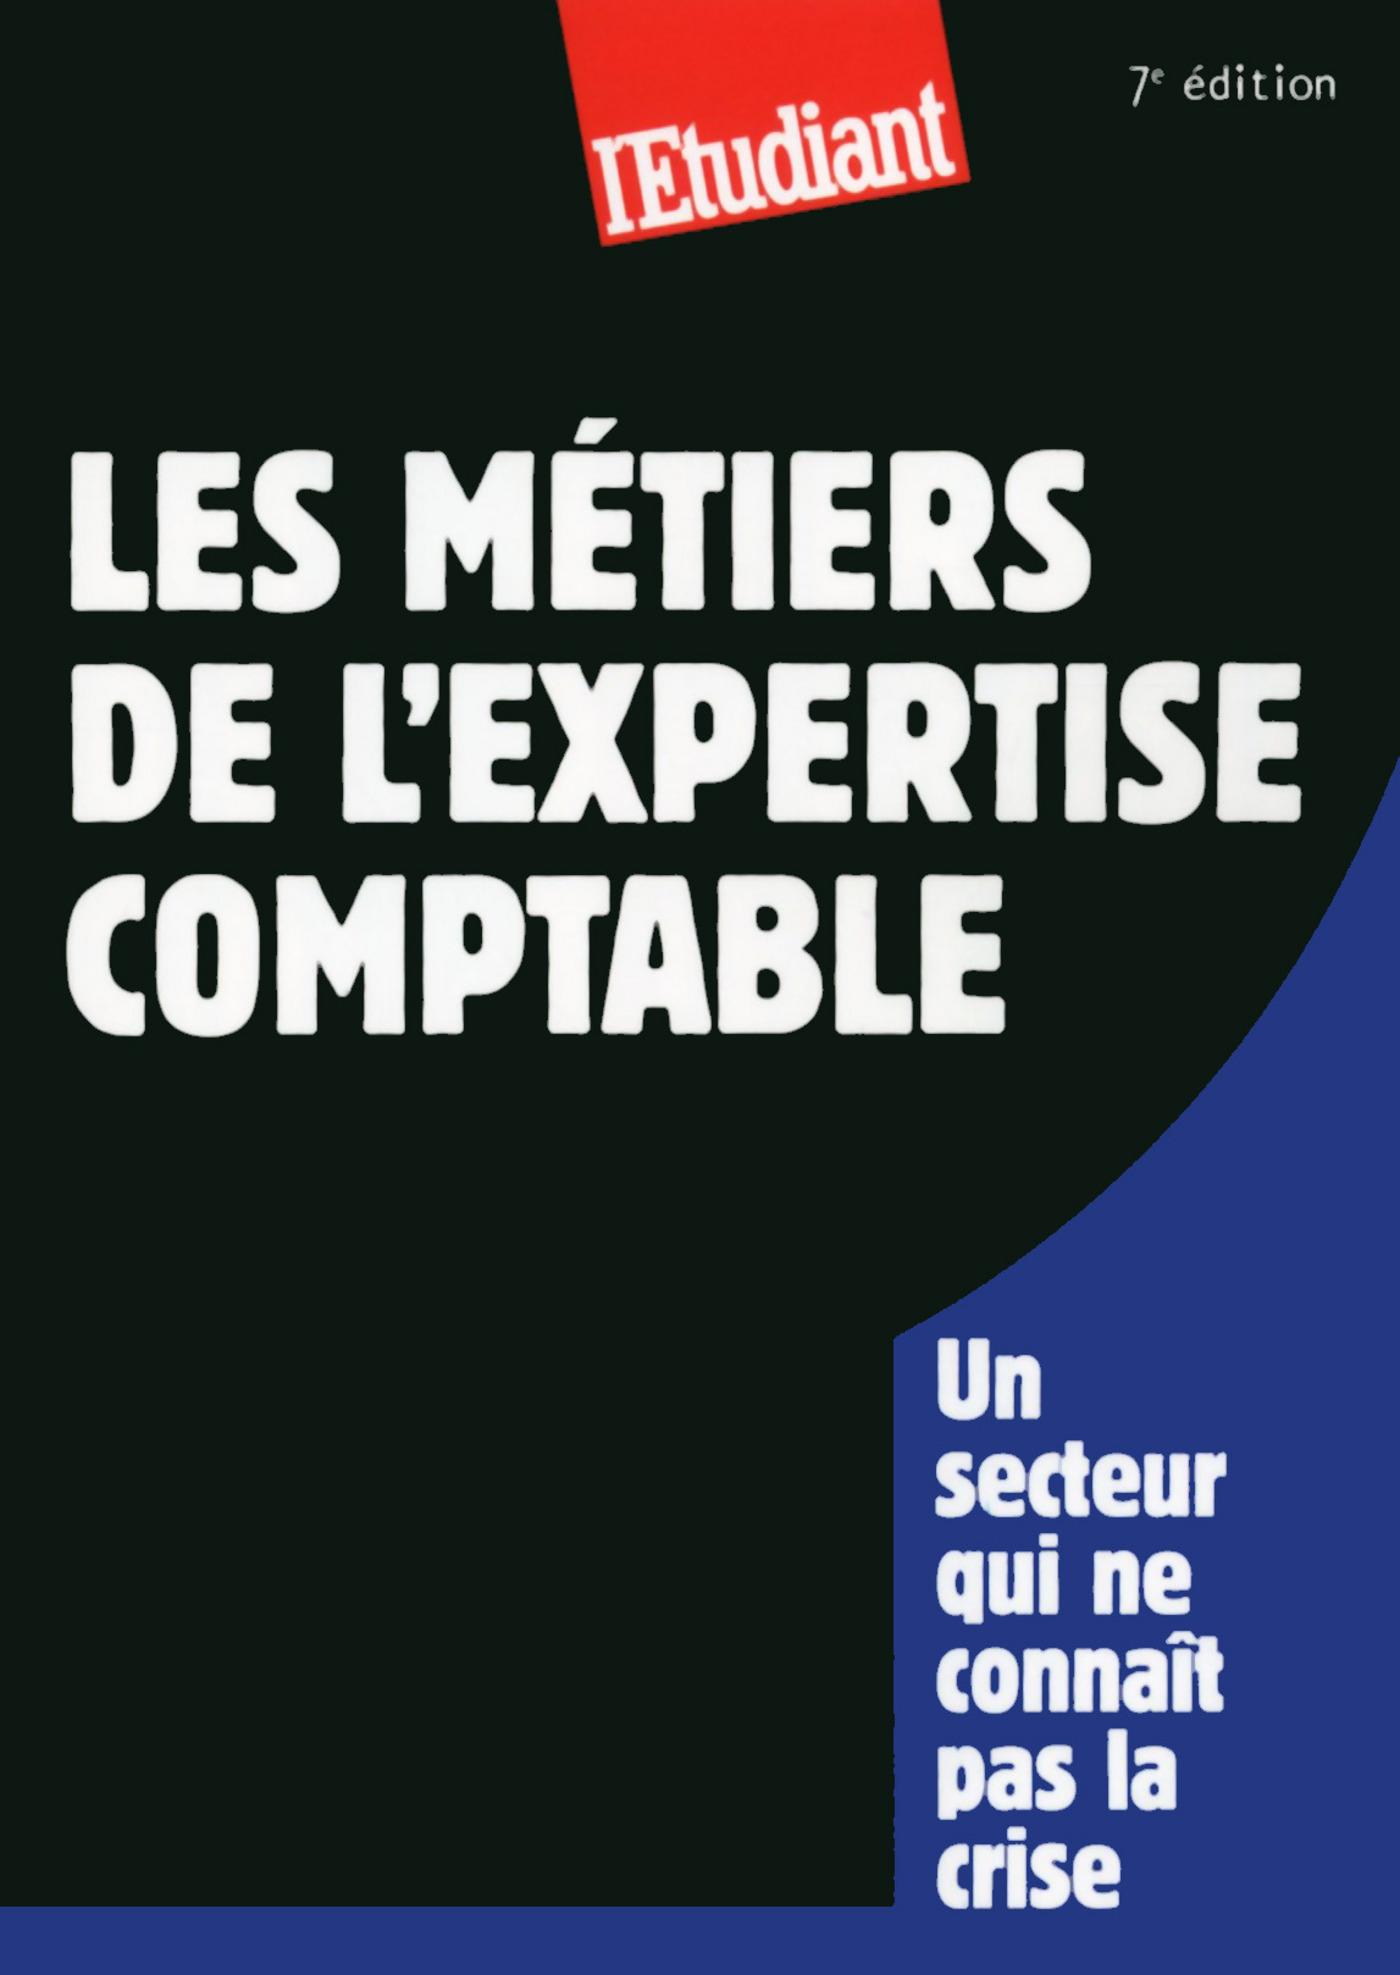 Les métiers de l'expertise comptable (ebook)